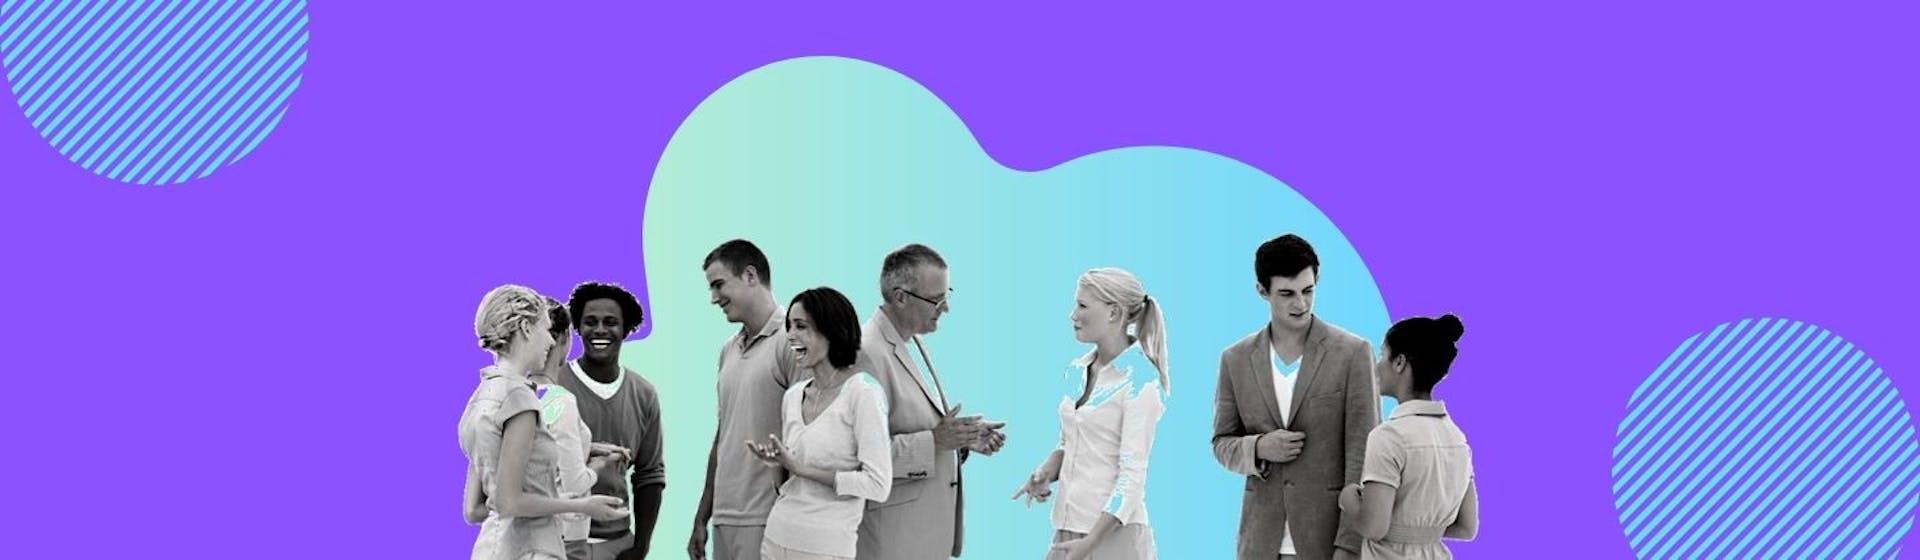 ¿Qué significa tener una buena conversación con tu equipo?